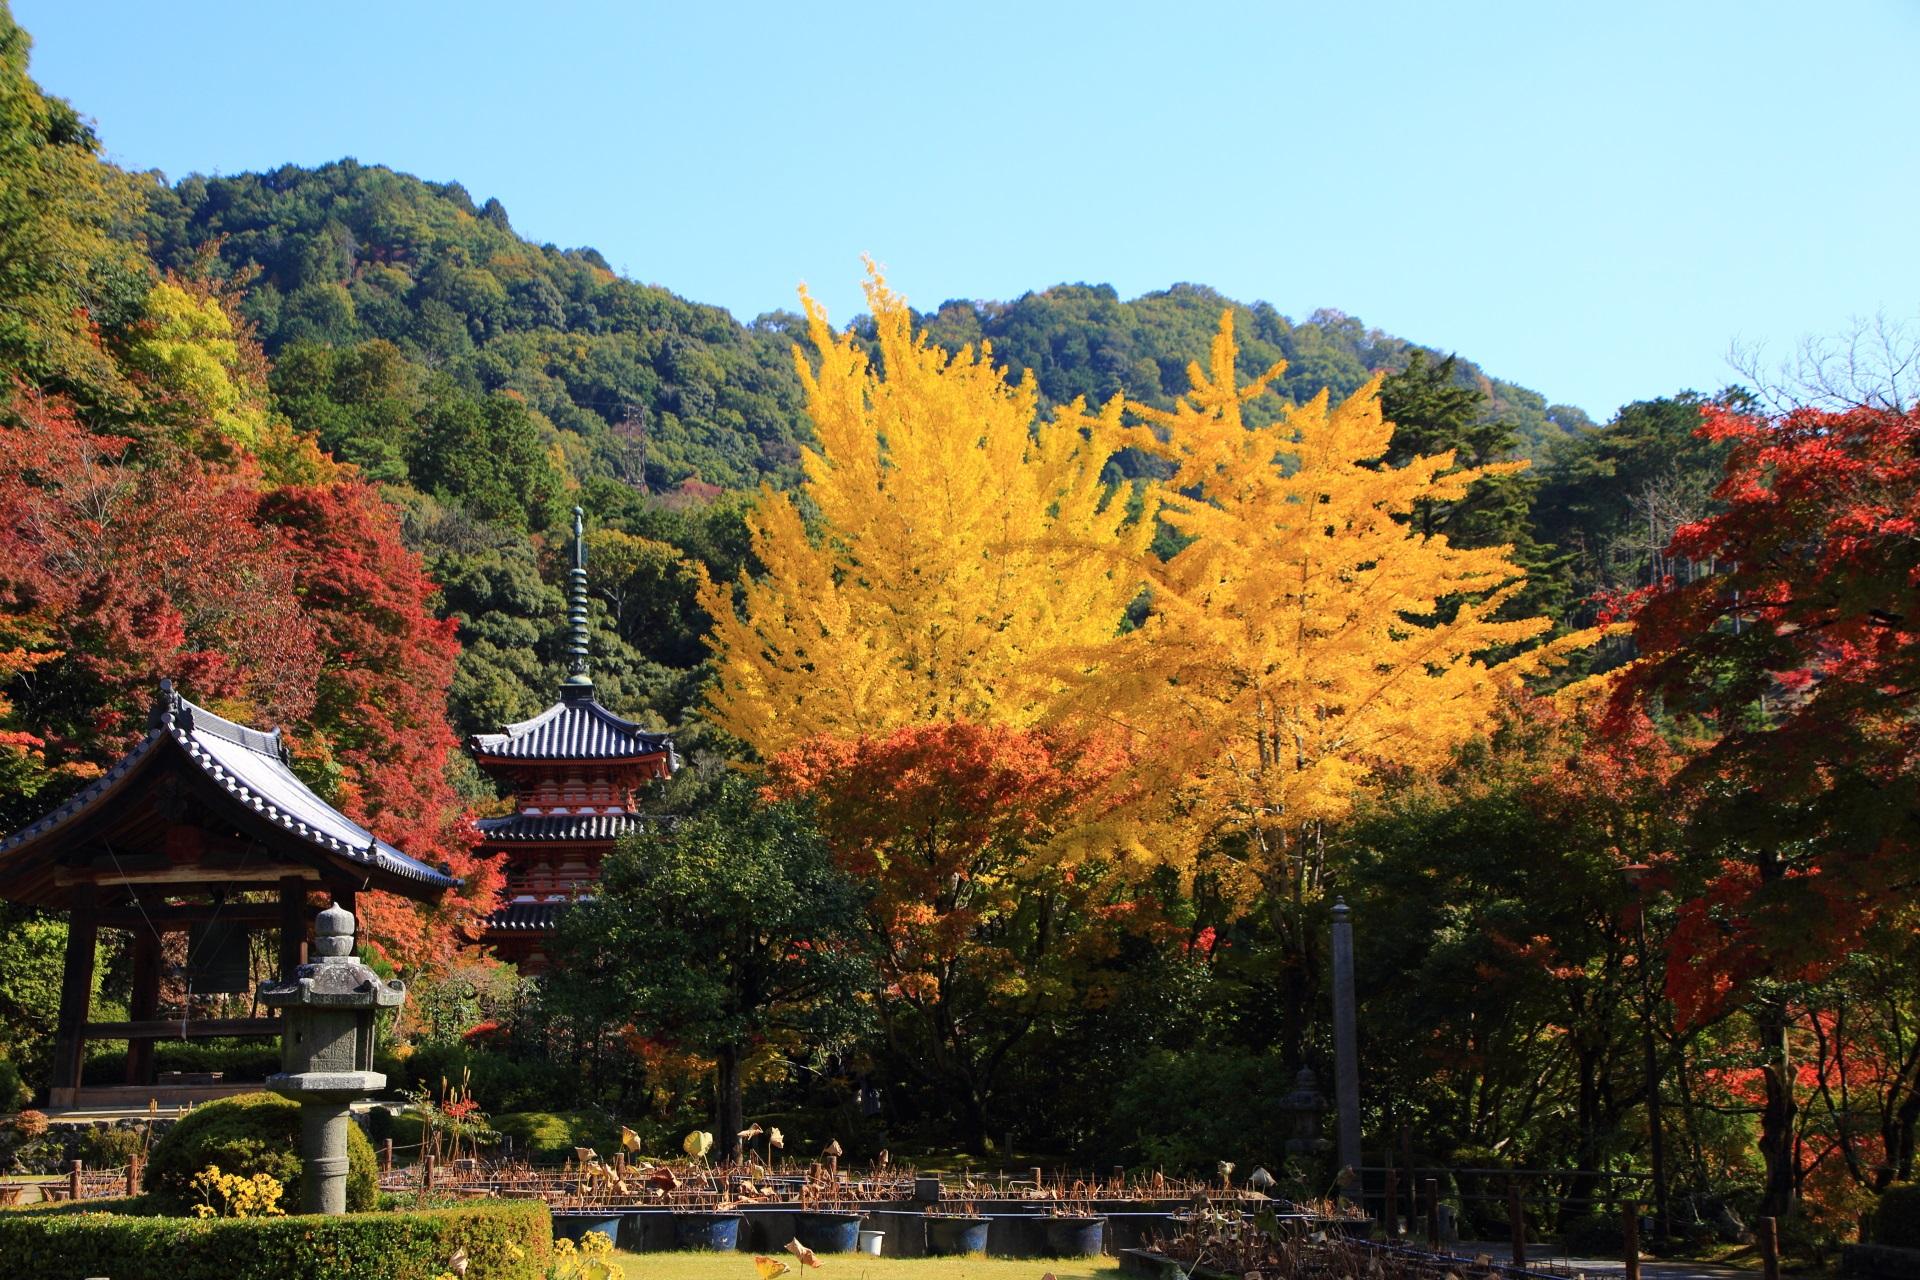 三室戸寺の三重塔や手前の鐘楼と圧倒的な存在感の大きな銀杏